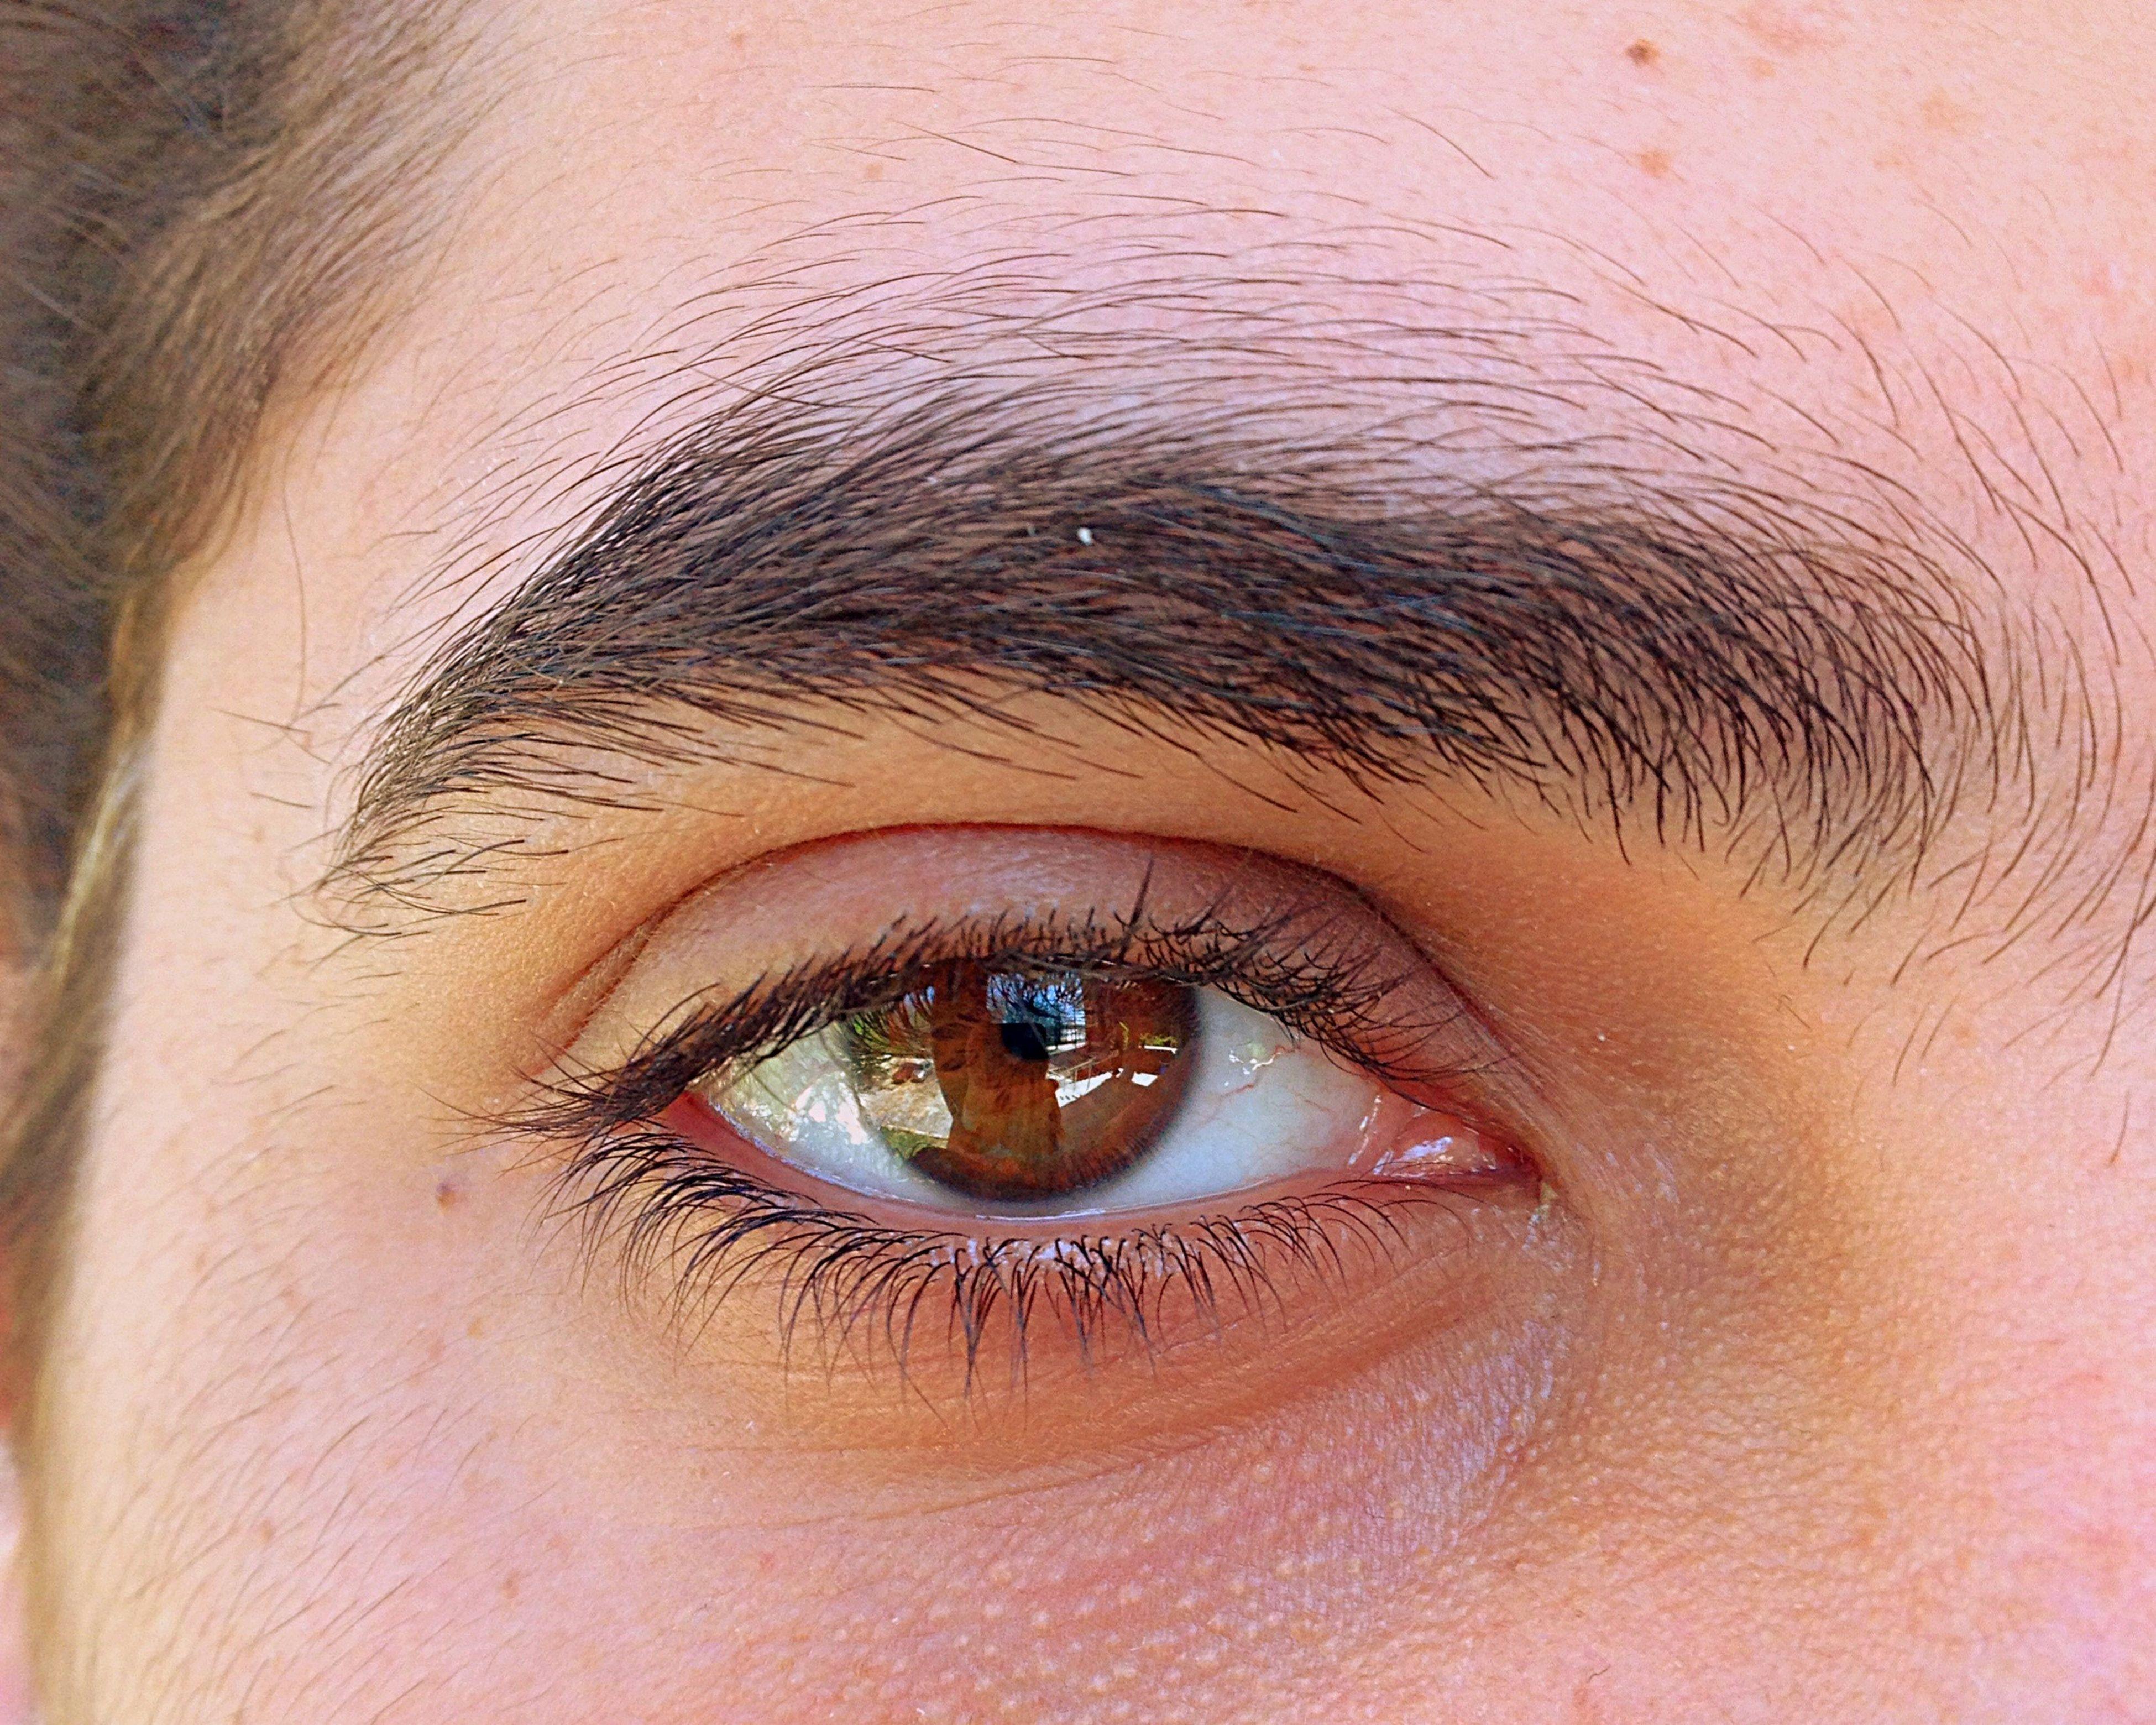 human eye, eyelash, close-up, looking at camera, portrait, full frame, eyesight, sensory perception, extreme close-up, human face, backgrounds, eyebrow, extreme close up, part of, iris - eye, human skin, eyeball